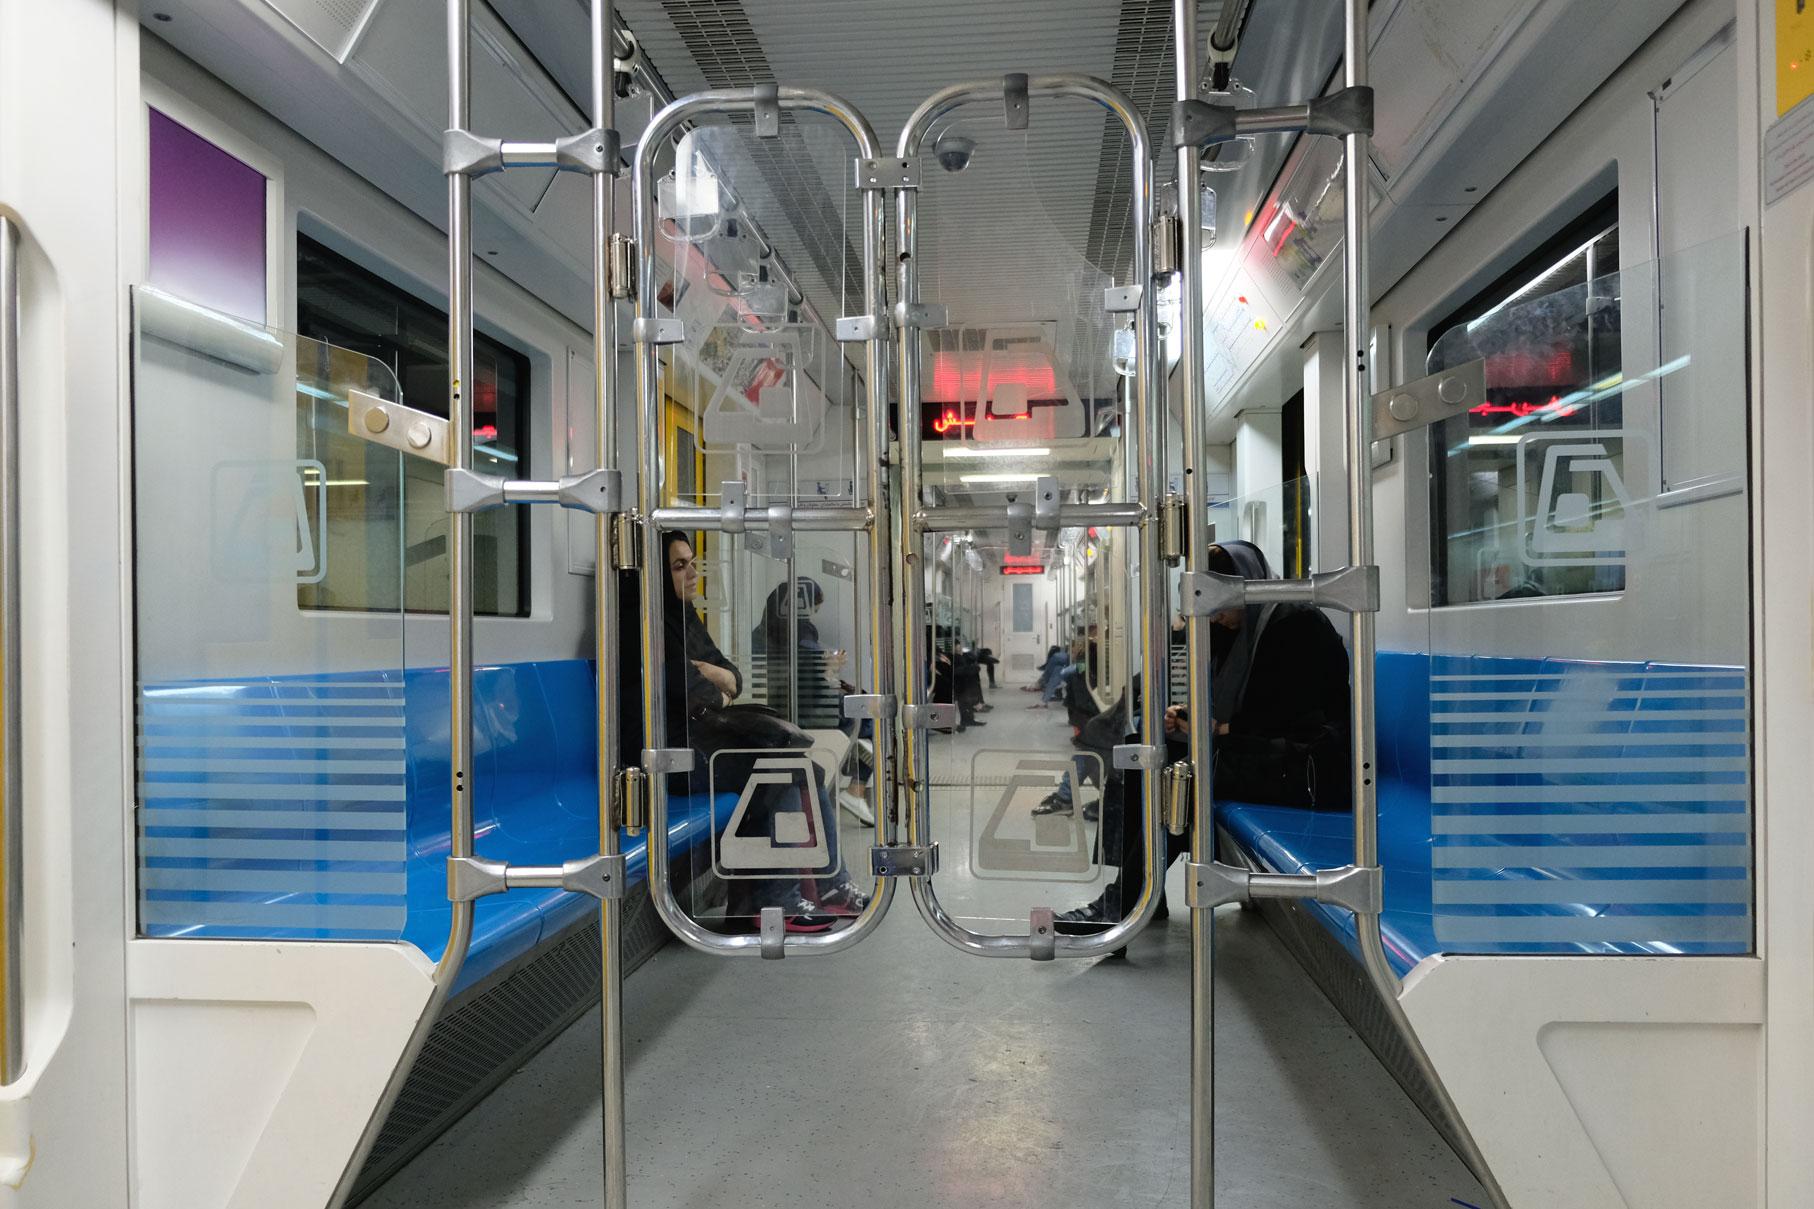 Ein Trenngitter in einem U-Bahnwagon